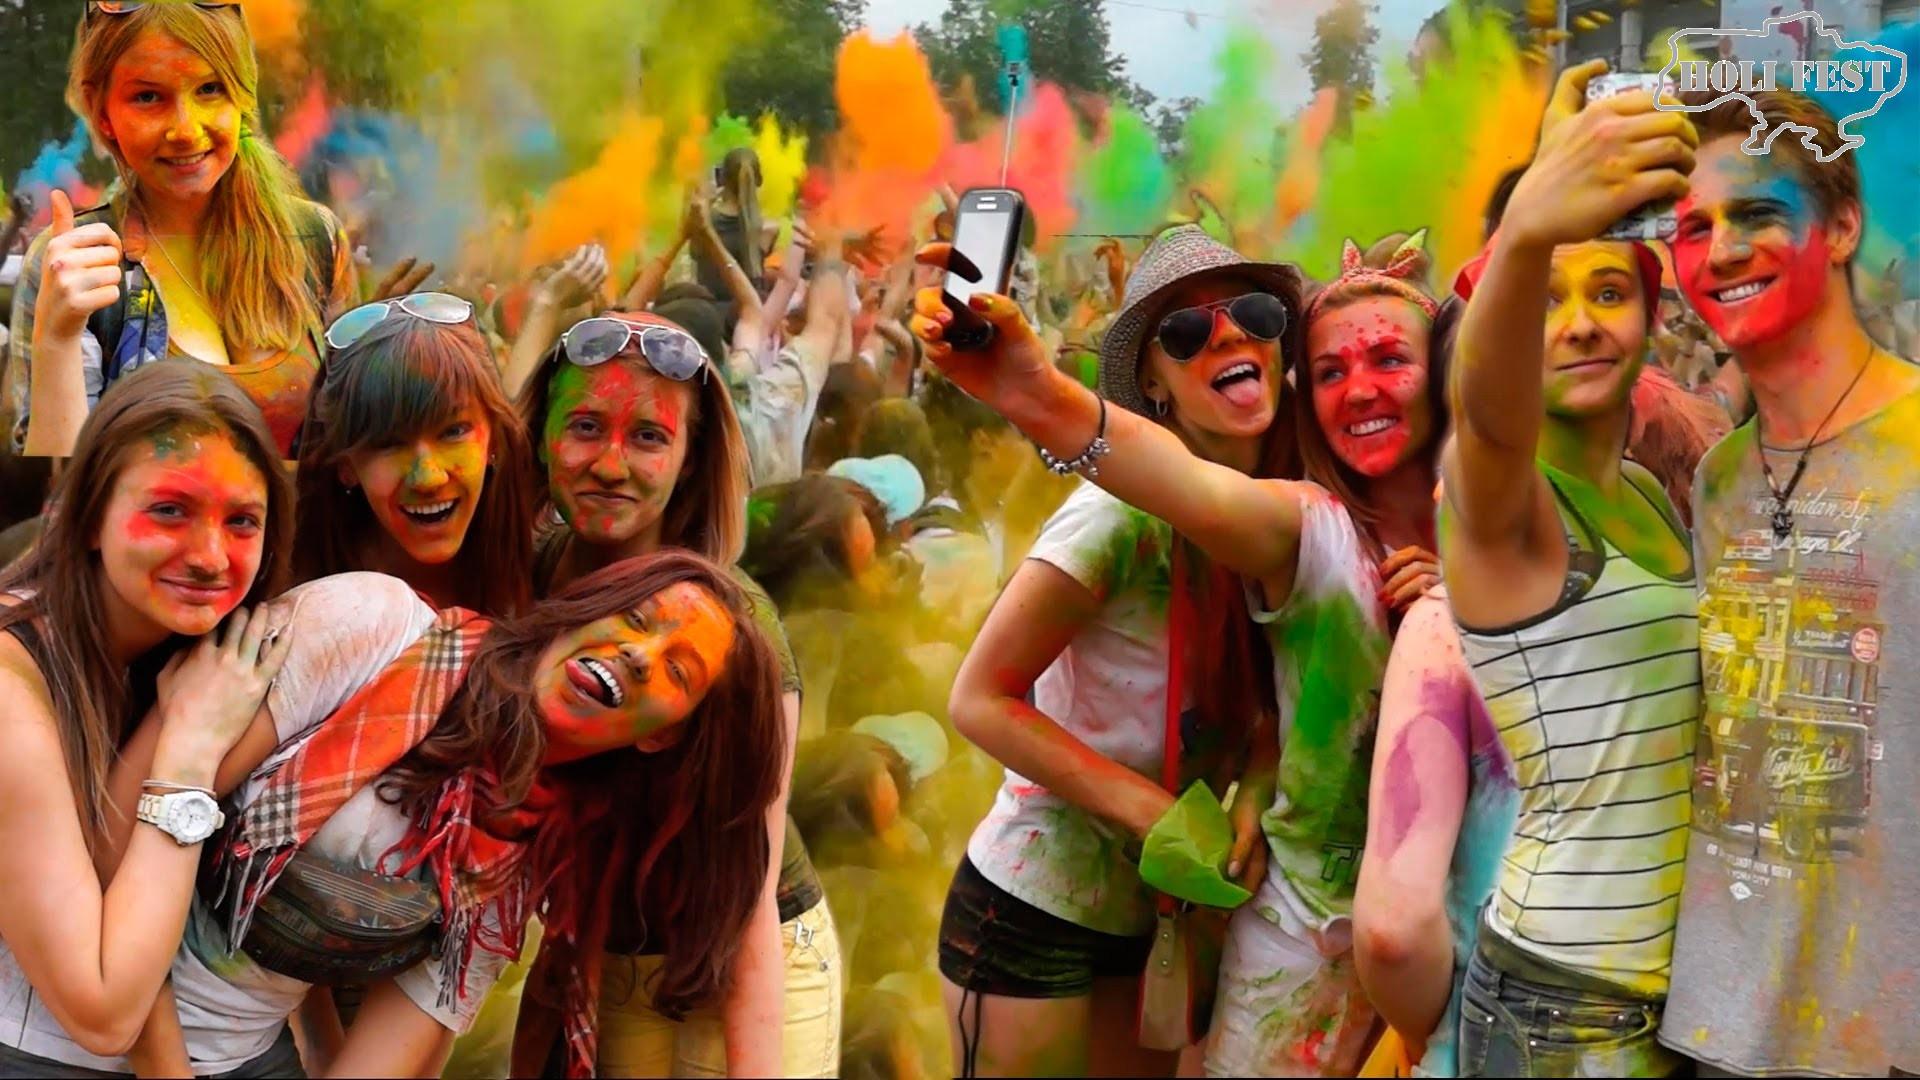 разноцветные фотографии с людьми торговым названием